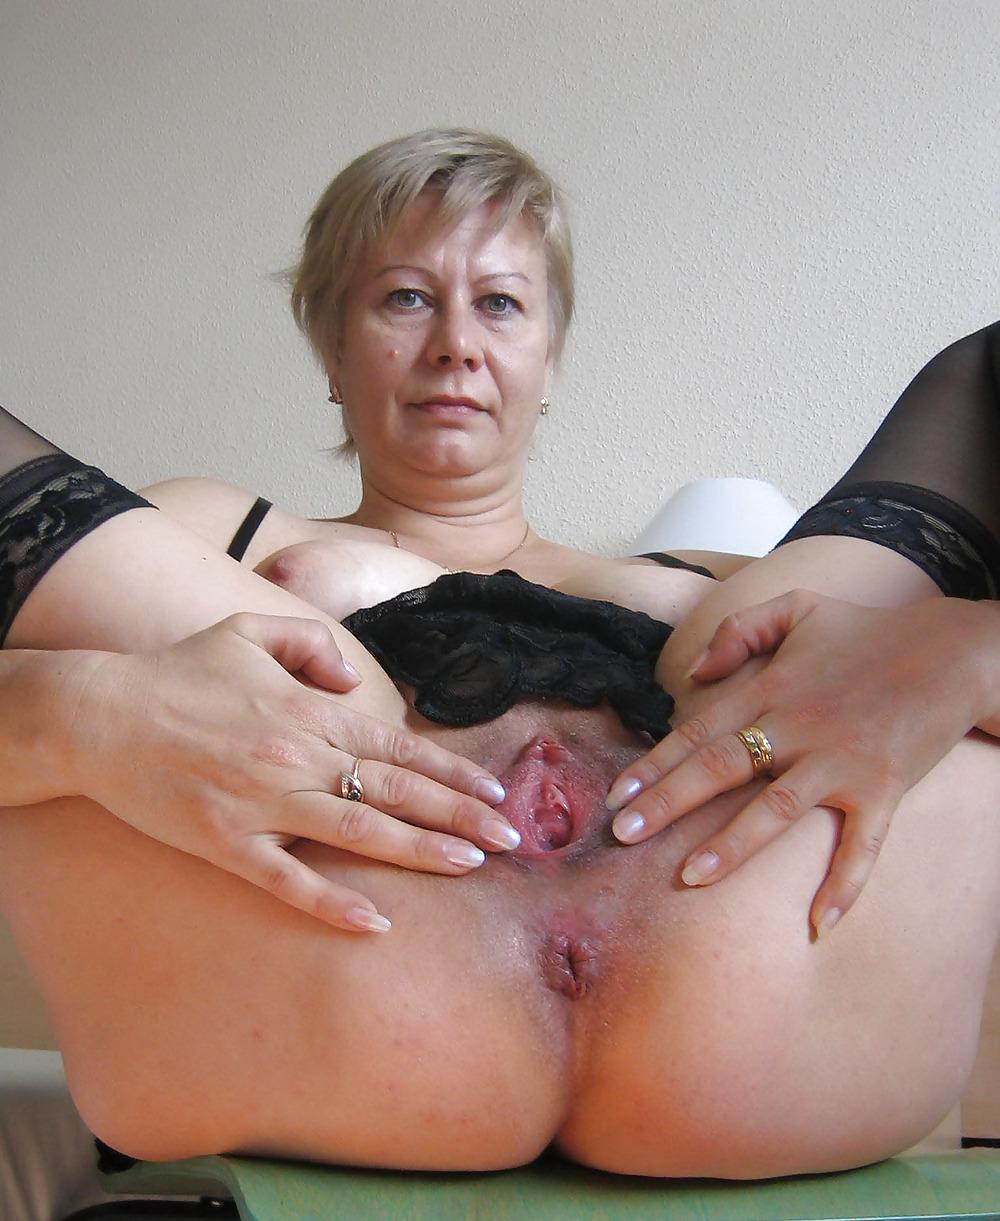 Галерея вагин зрелых огромный резиновый